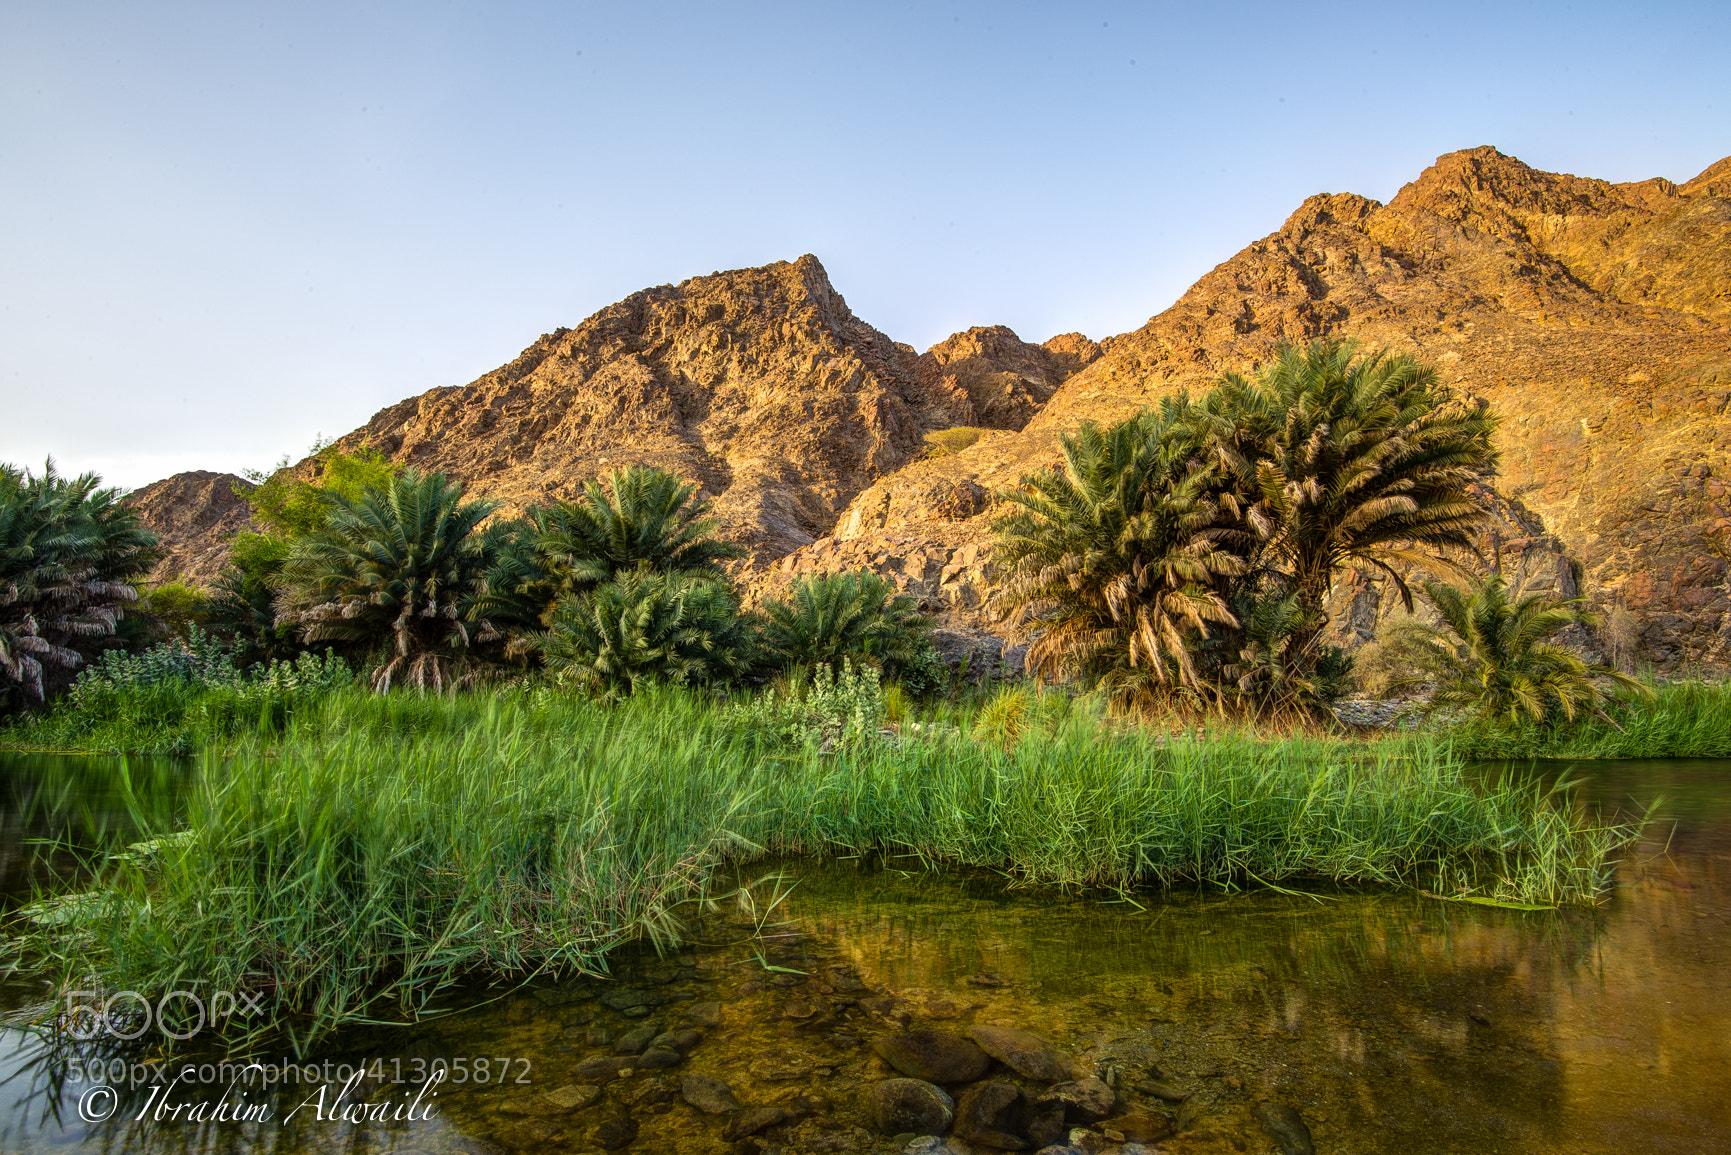 Photograph Oasis - Oman by Ibrahim AlWaili on 500px